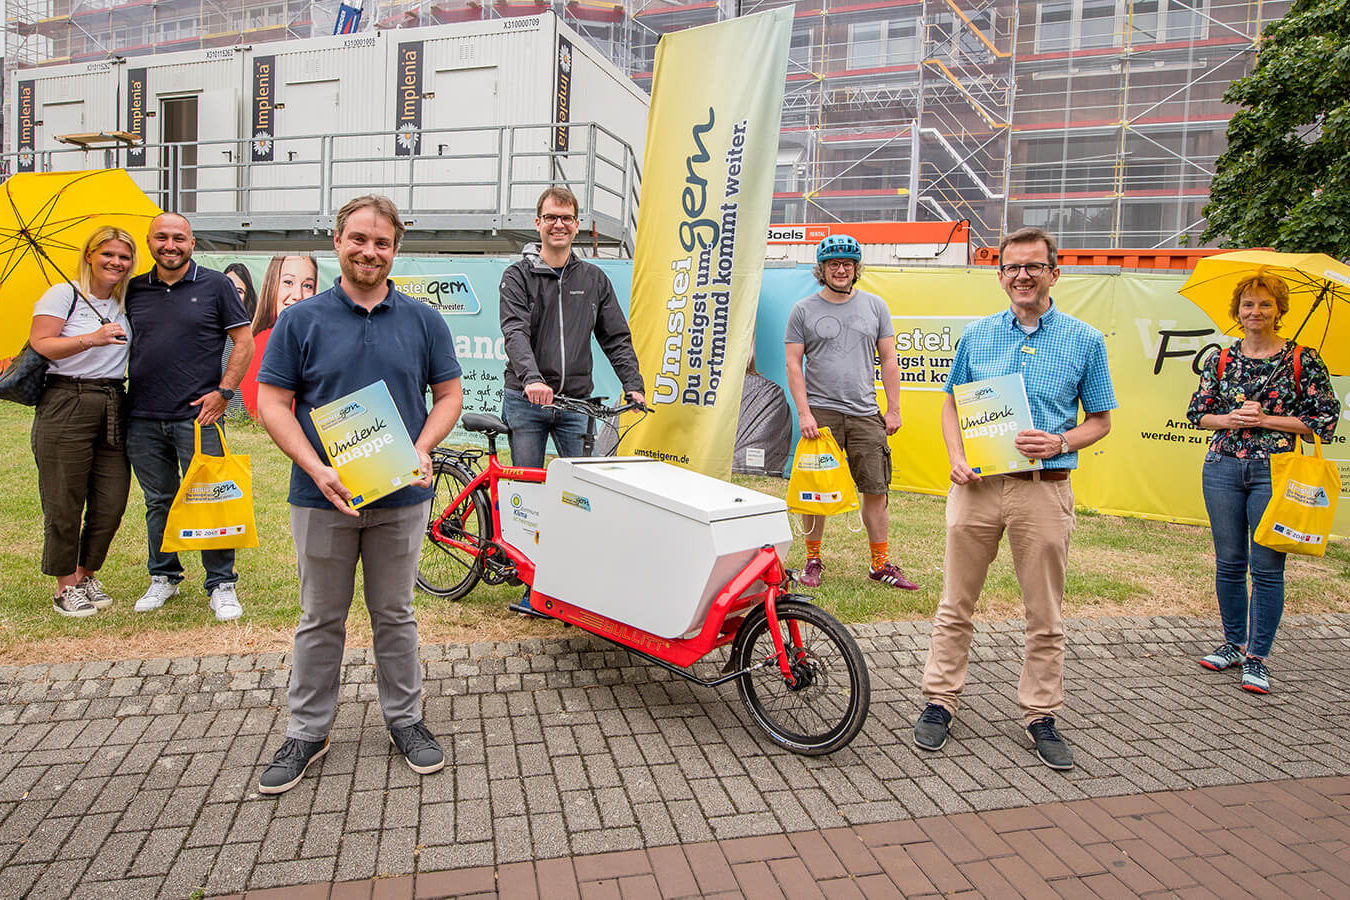 """Sechs Personen stehen mit ca. 1,5 m Abstand zu einander vor Werbebannern von """"UmsteiGERN"""". Sie präsentieren das UmsteiGERN-Lastenrad, die """"Umdenkmappe"""" und UmsteiGERN-Schirme für die Aktion Lappenlos"""